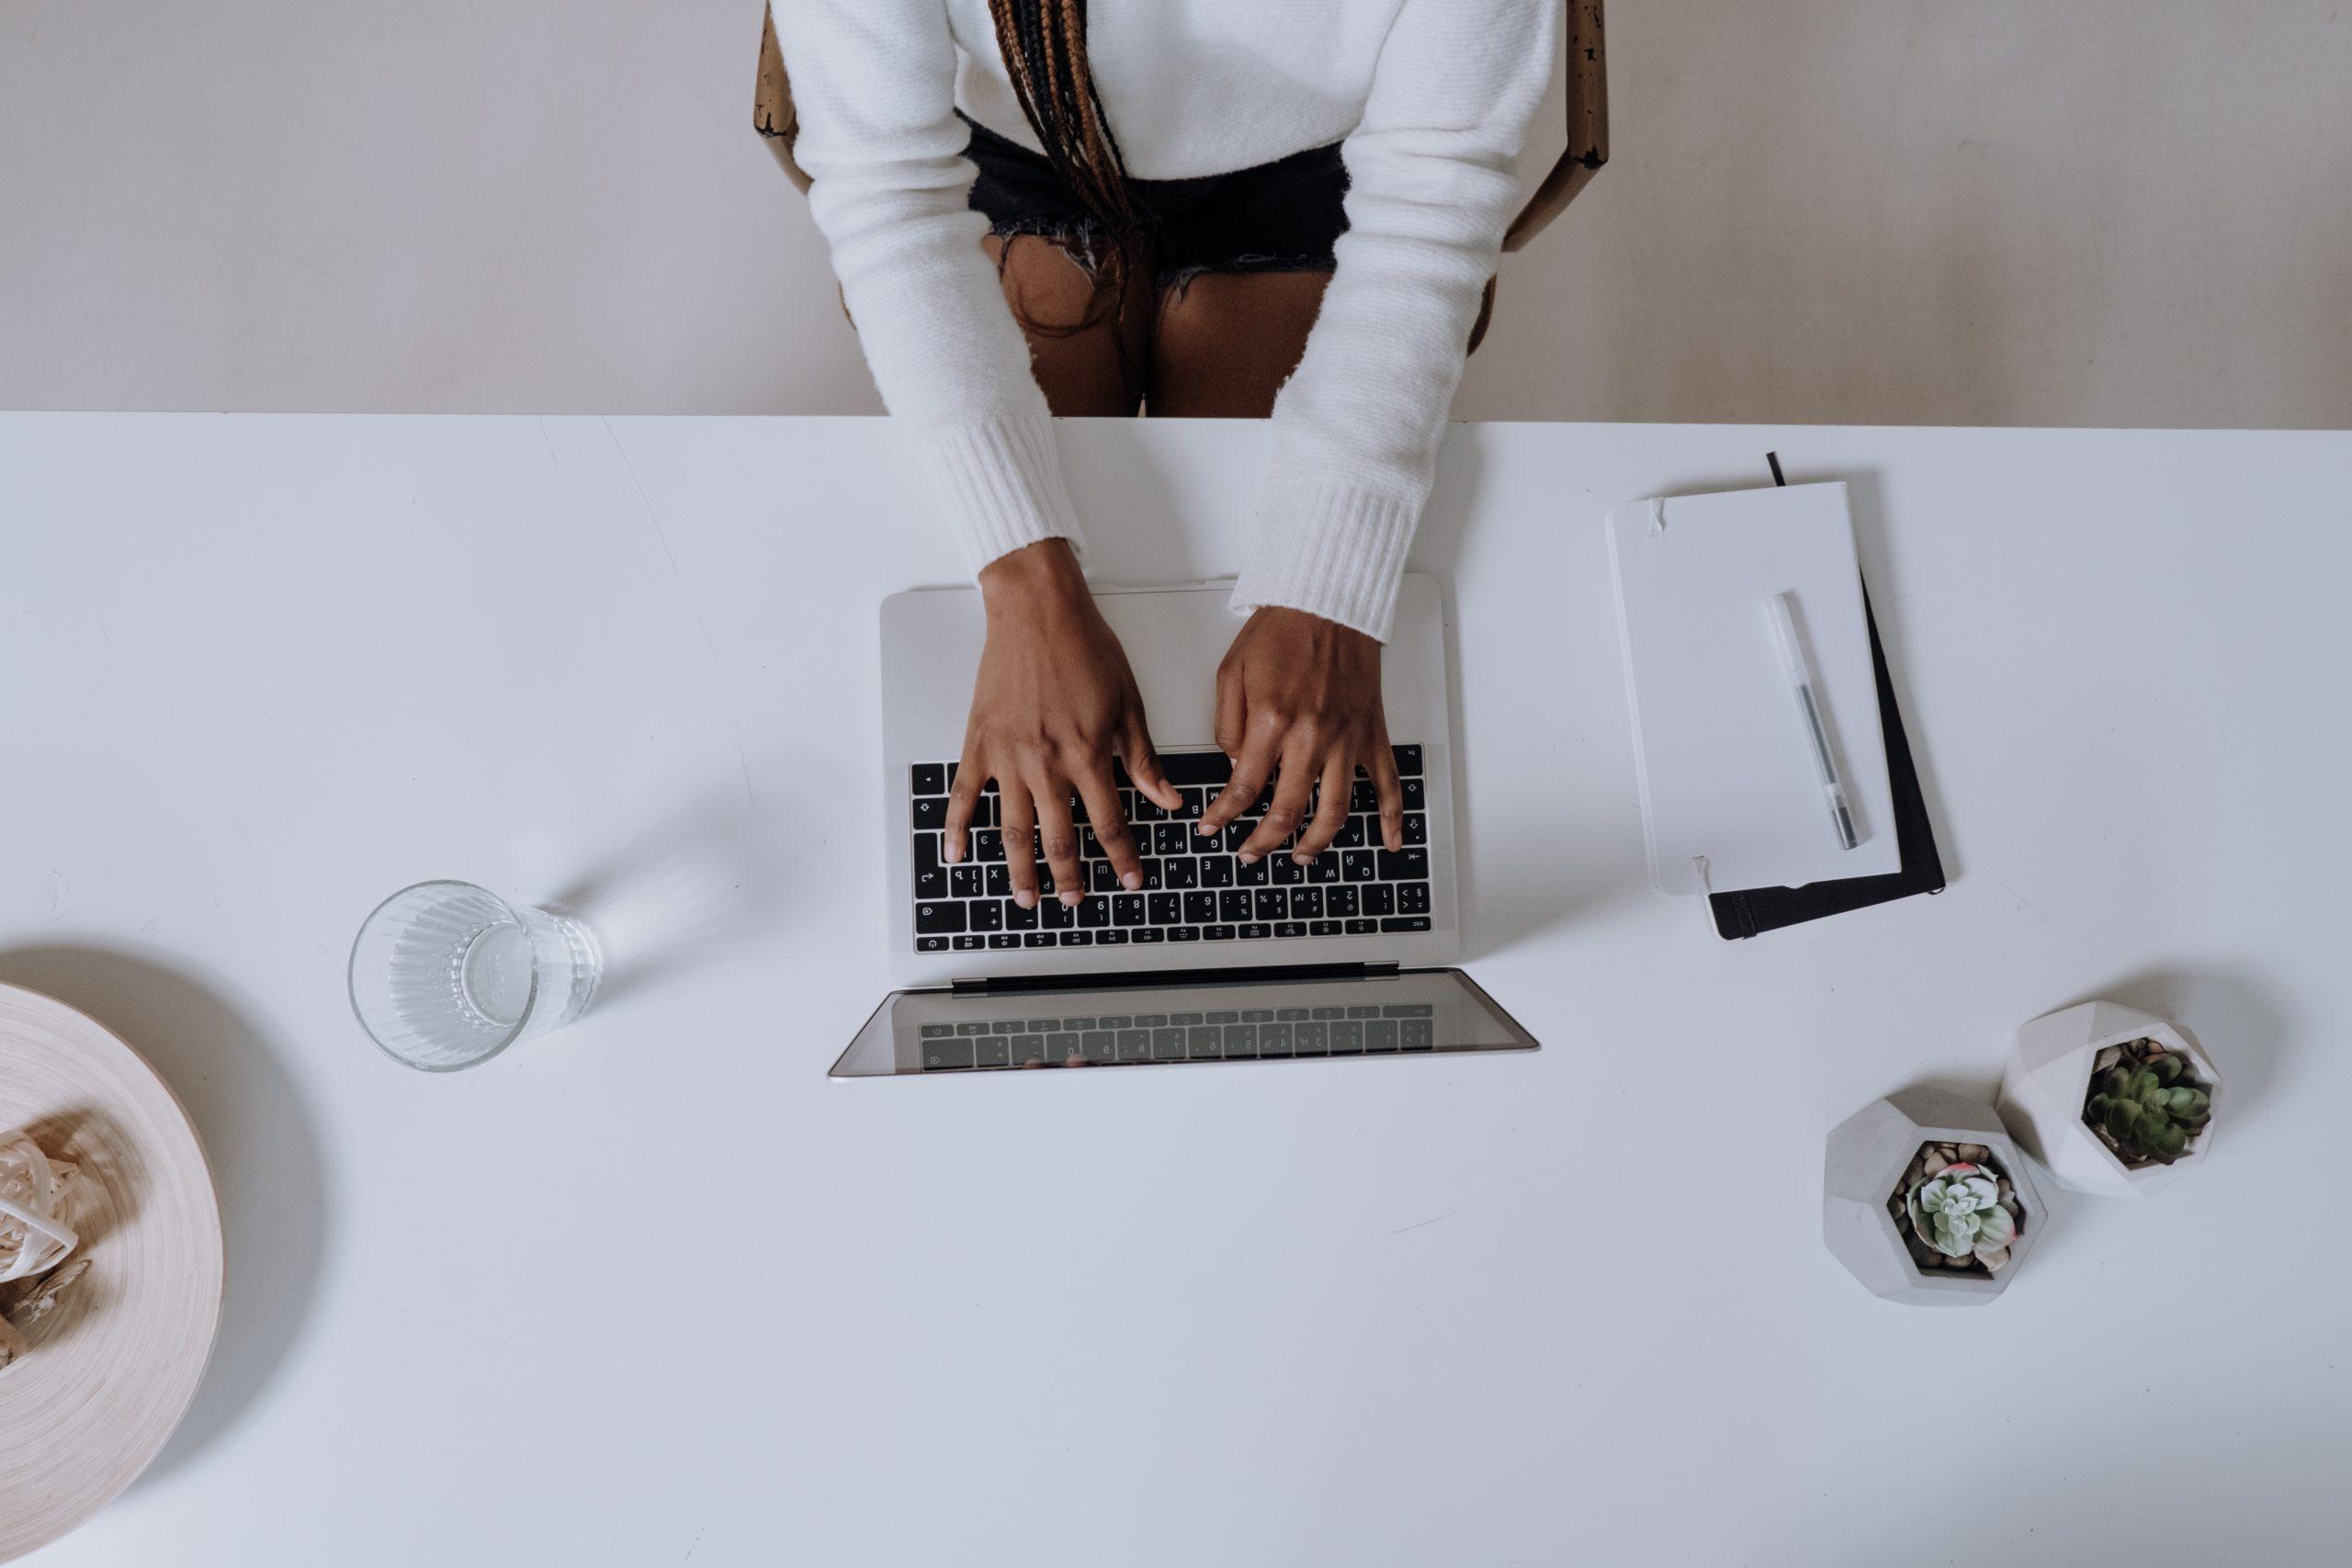 Werken in de cloud met Office 365